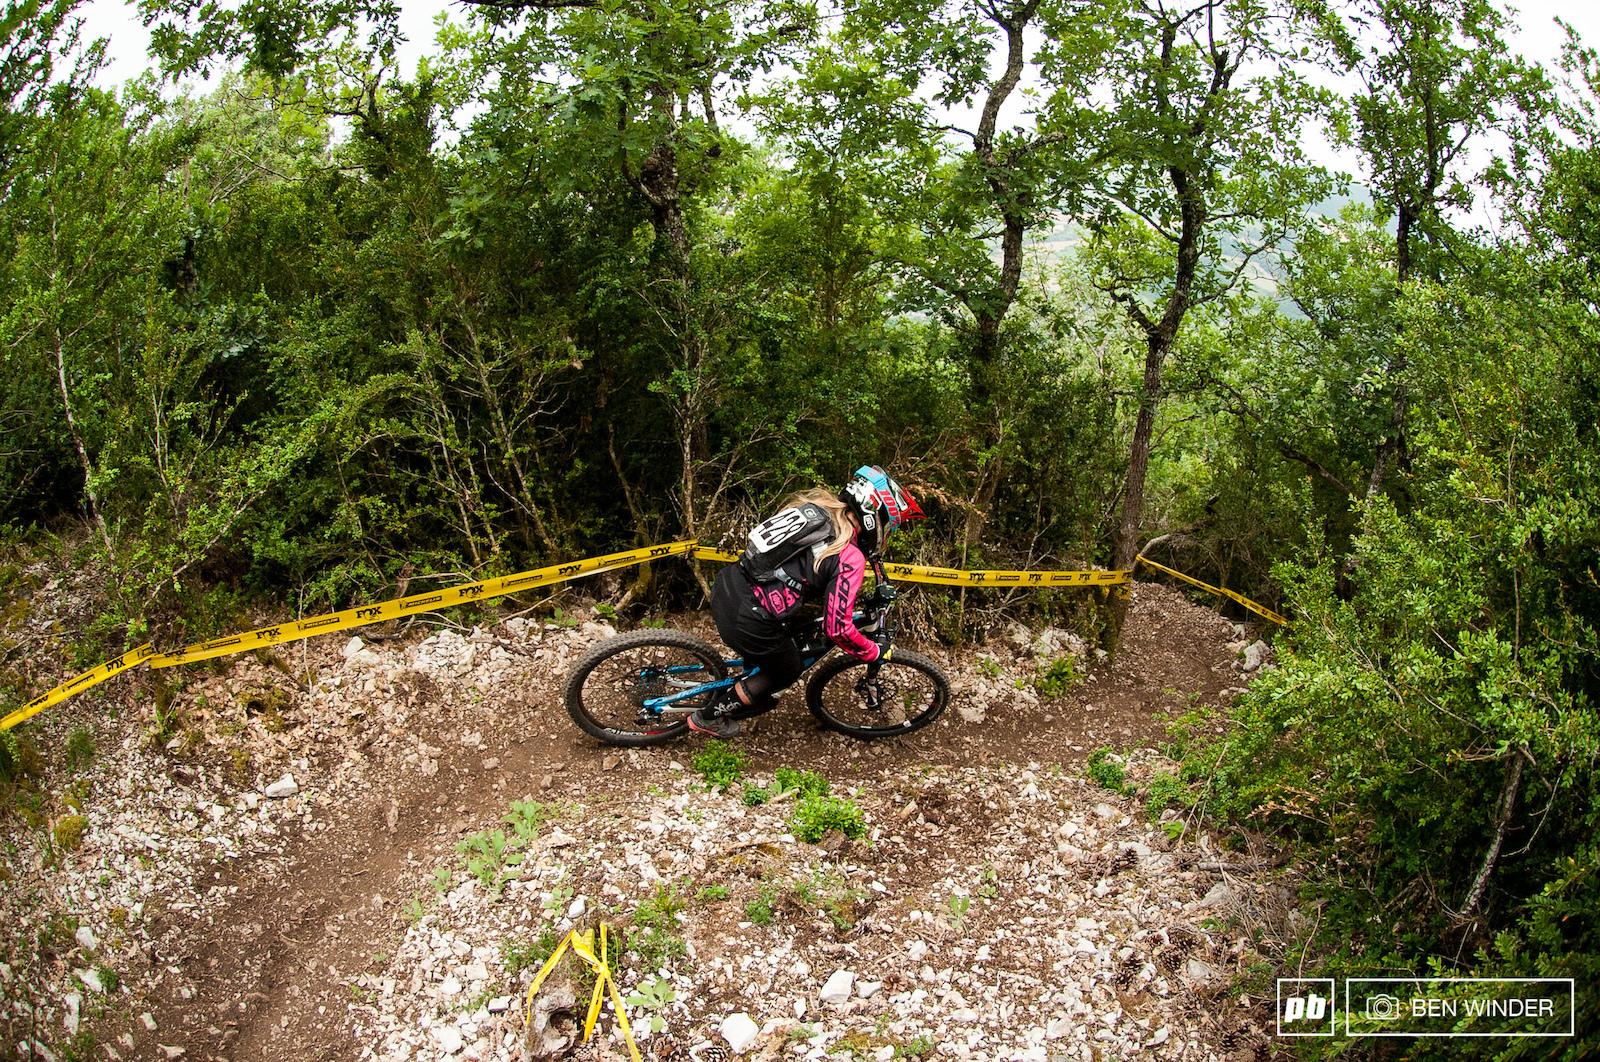 Chloe Gallean in amongst the steep loose rock of stage 2.